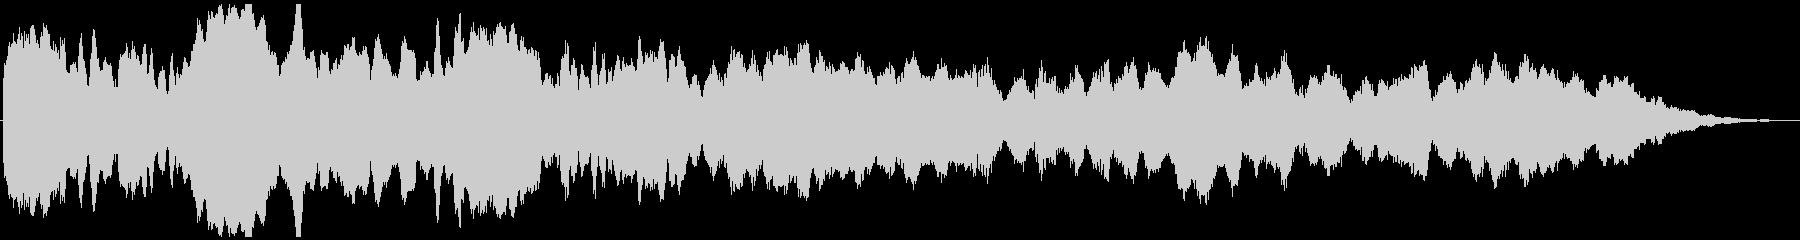 PADS プラックンクリーク01の未再生の波形